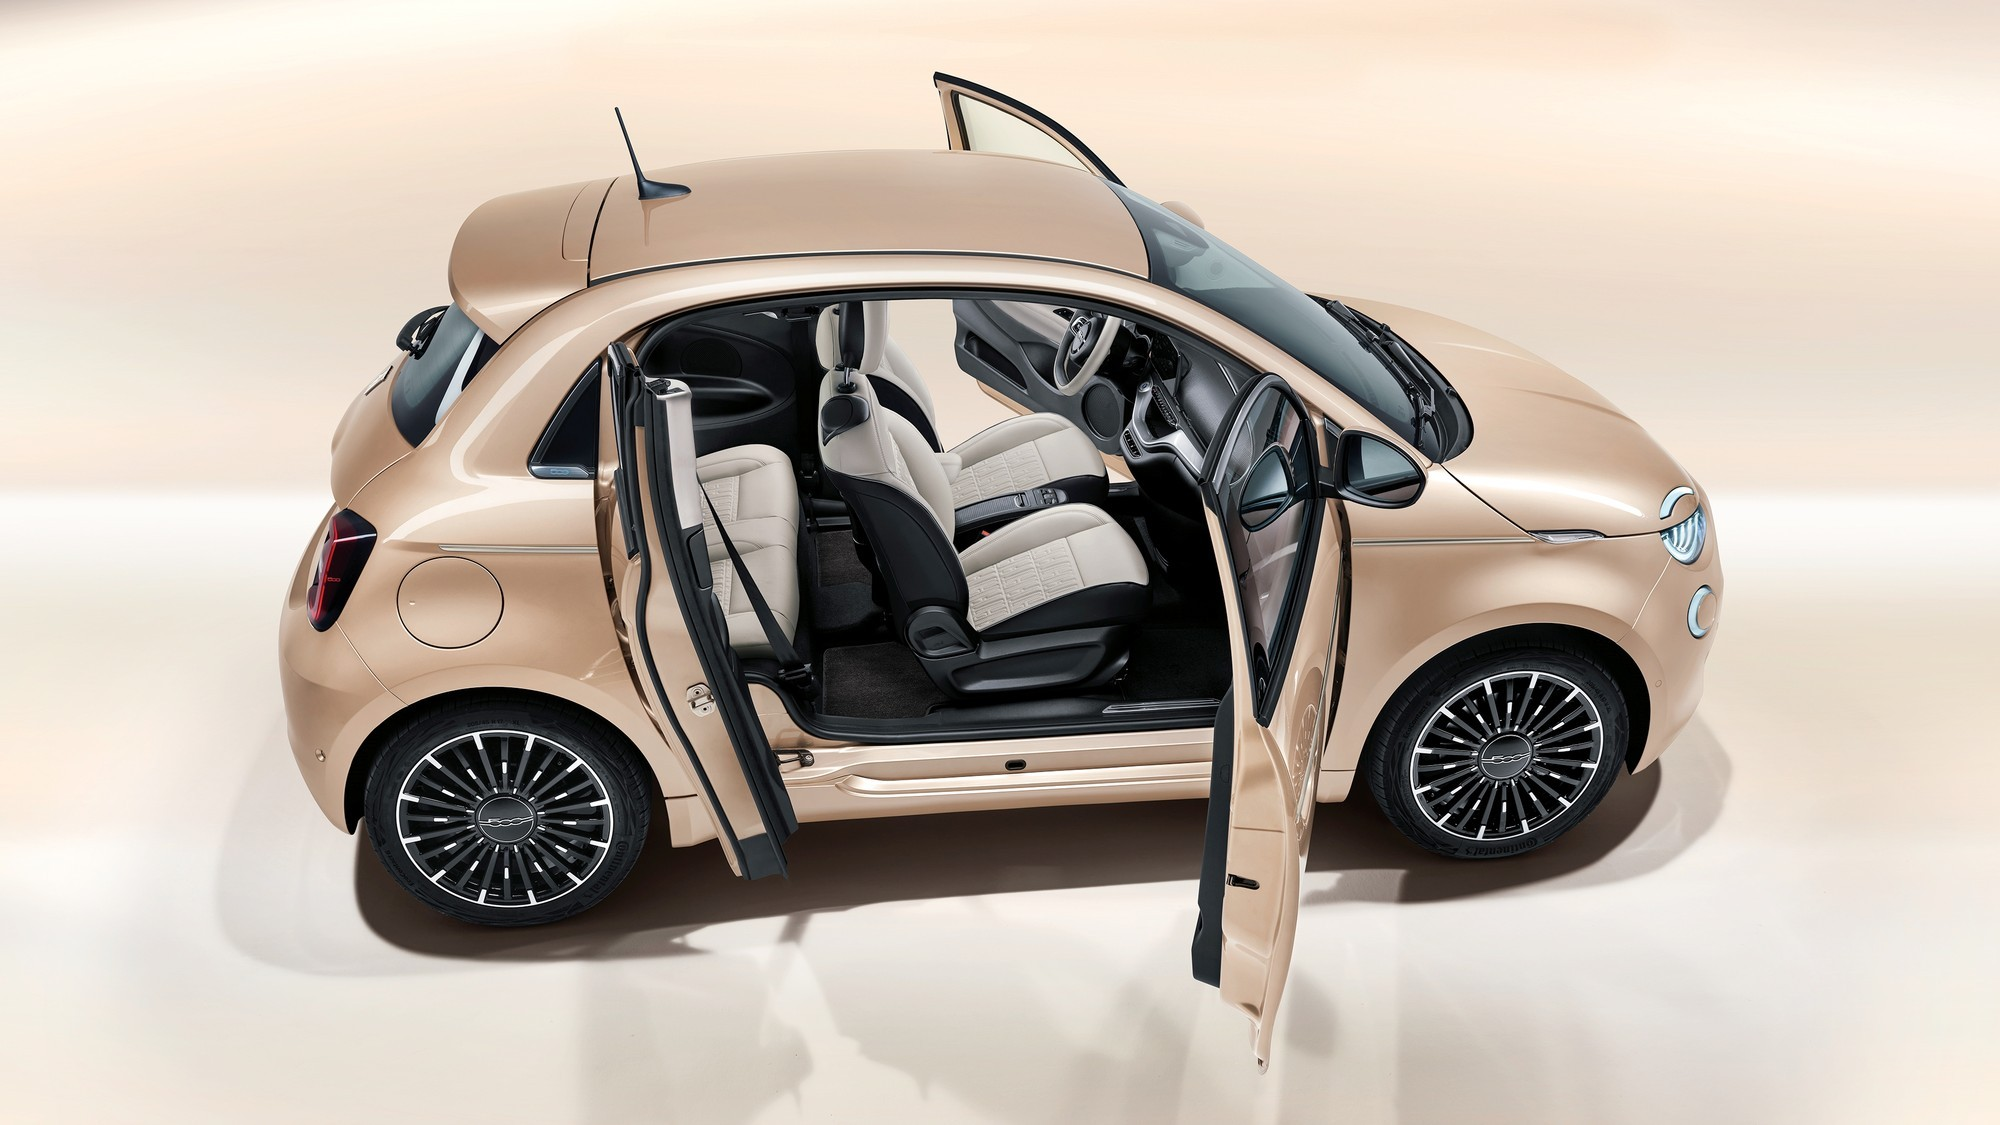 Fiat в Европе: только электромобили к 2030 году и висячие сады на заводе в Линготто